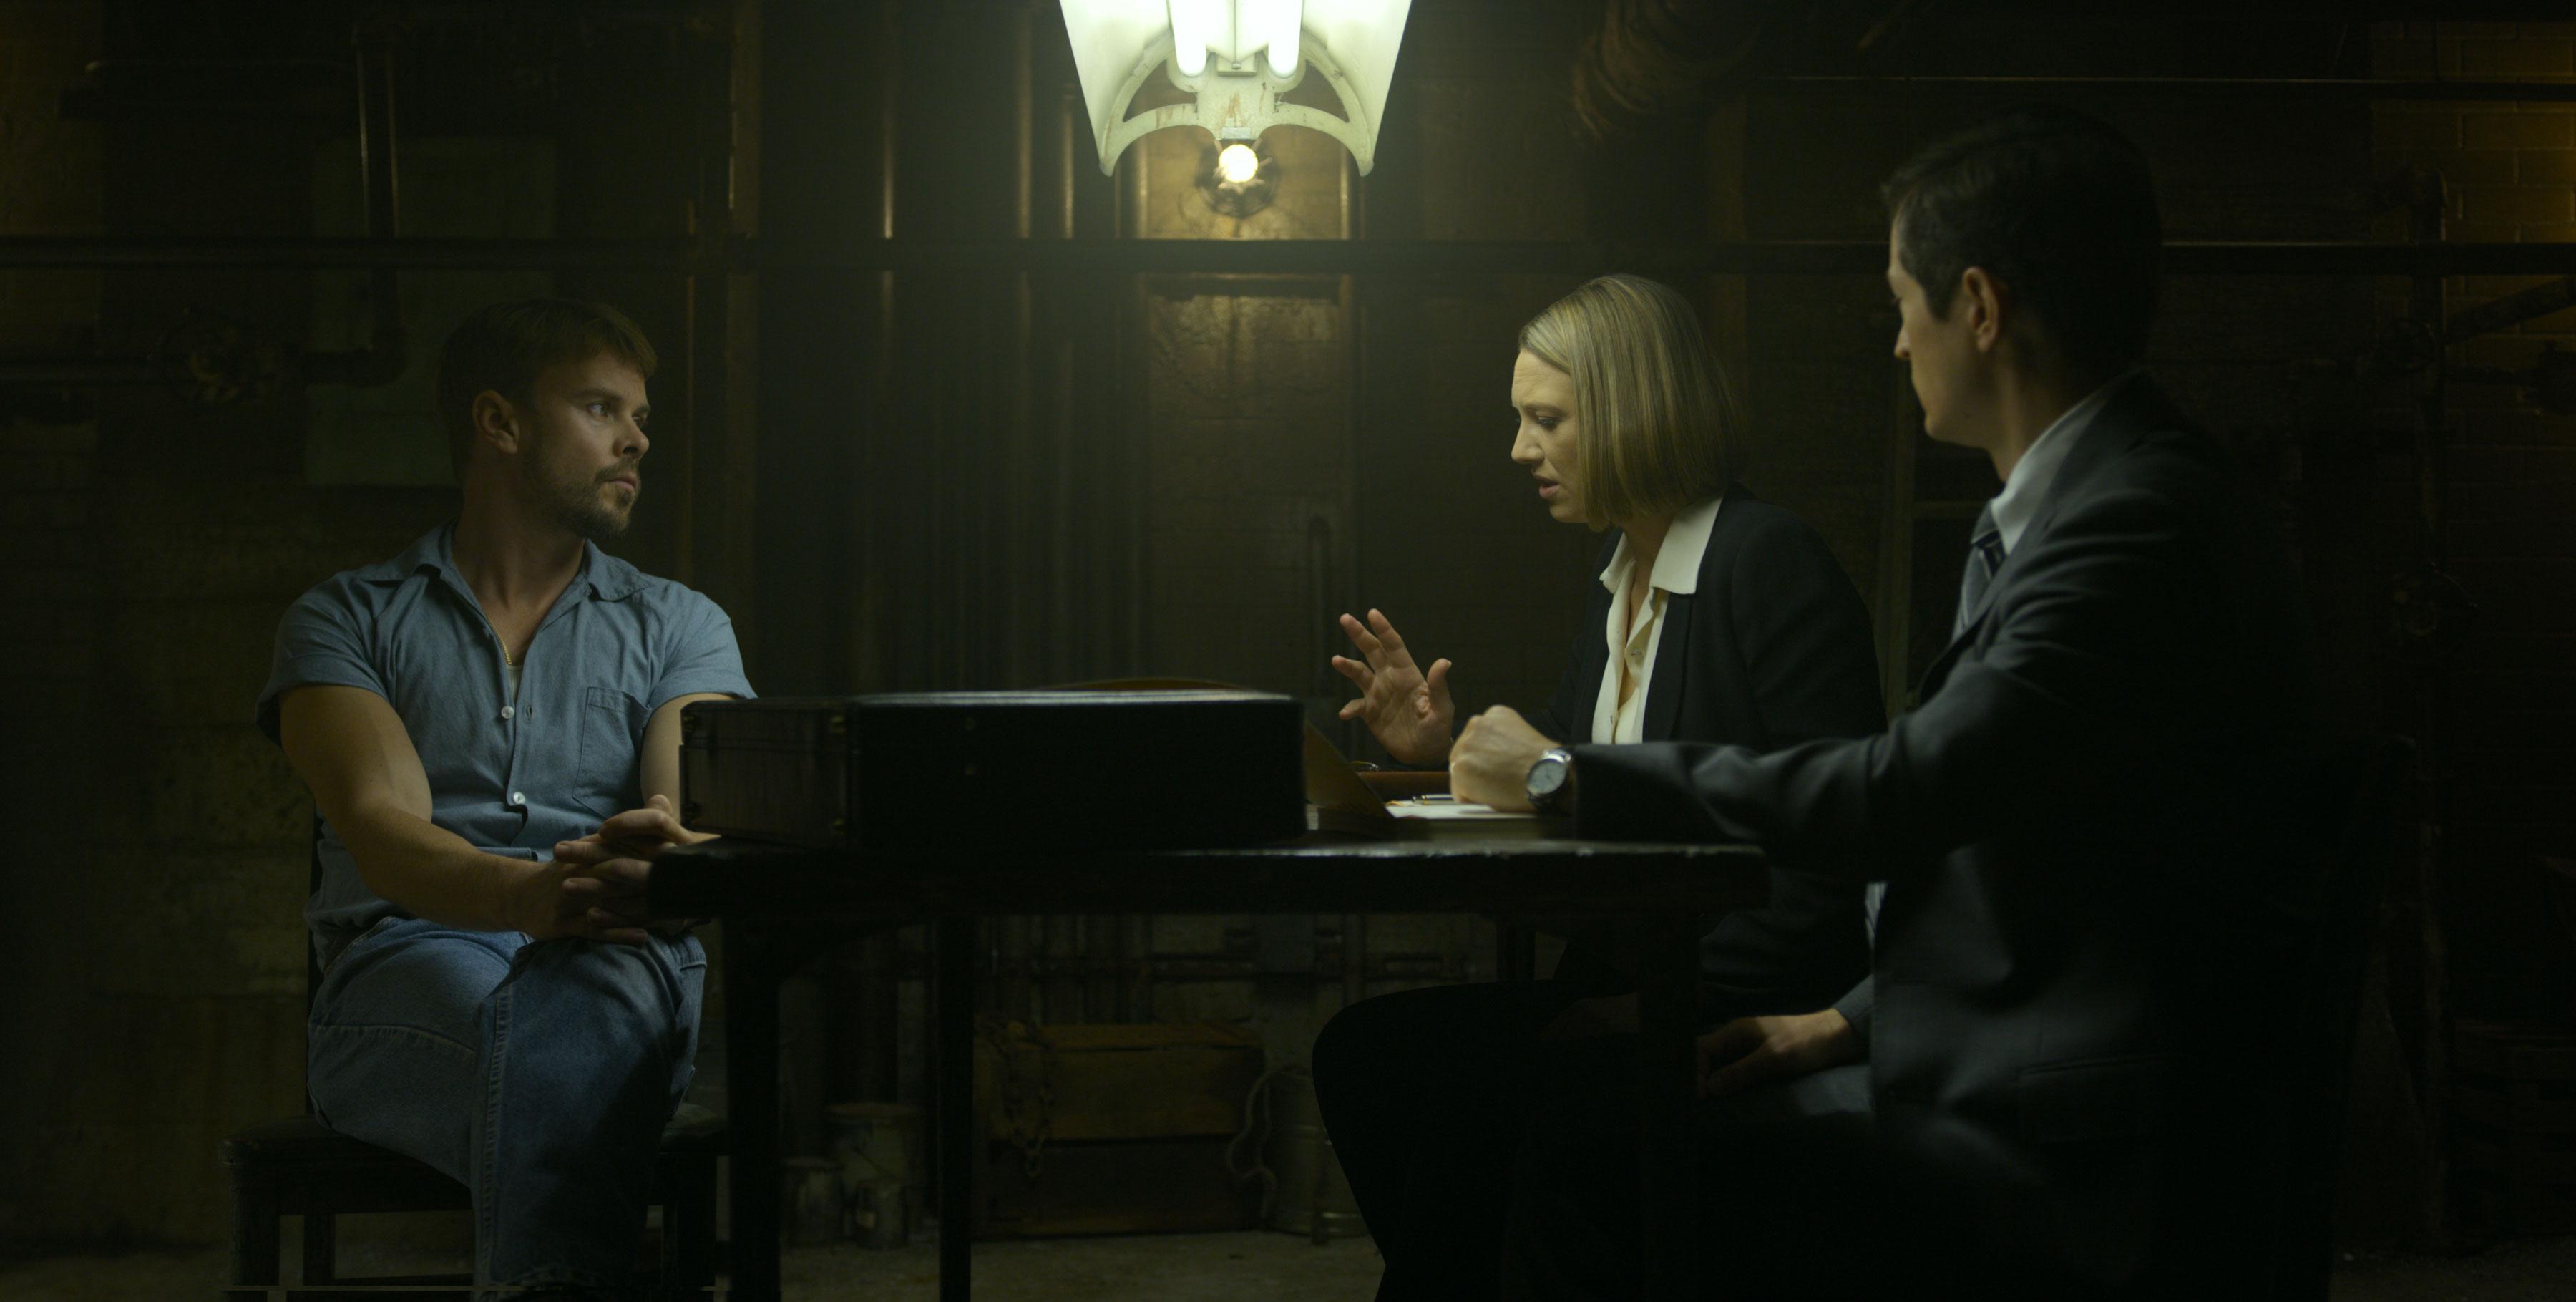 Охотник за разумом (Mindhunter) Обзор второго сезона